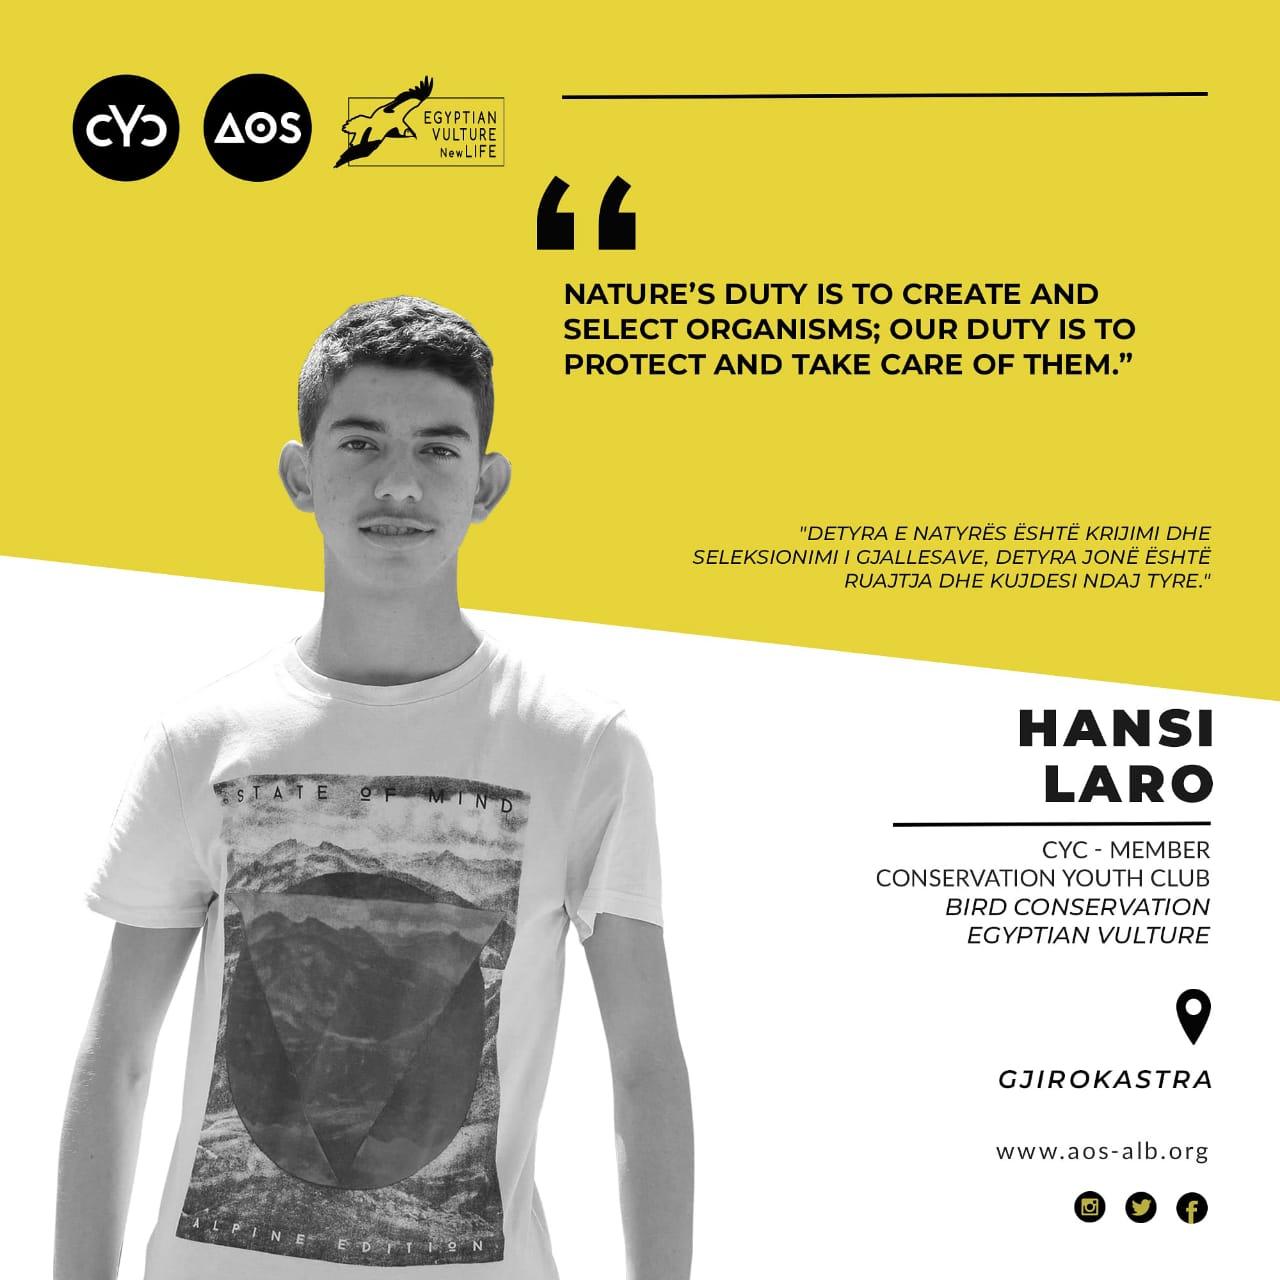 Hansi Laro